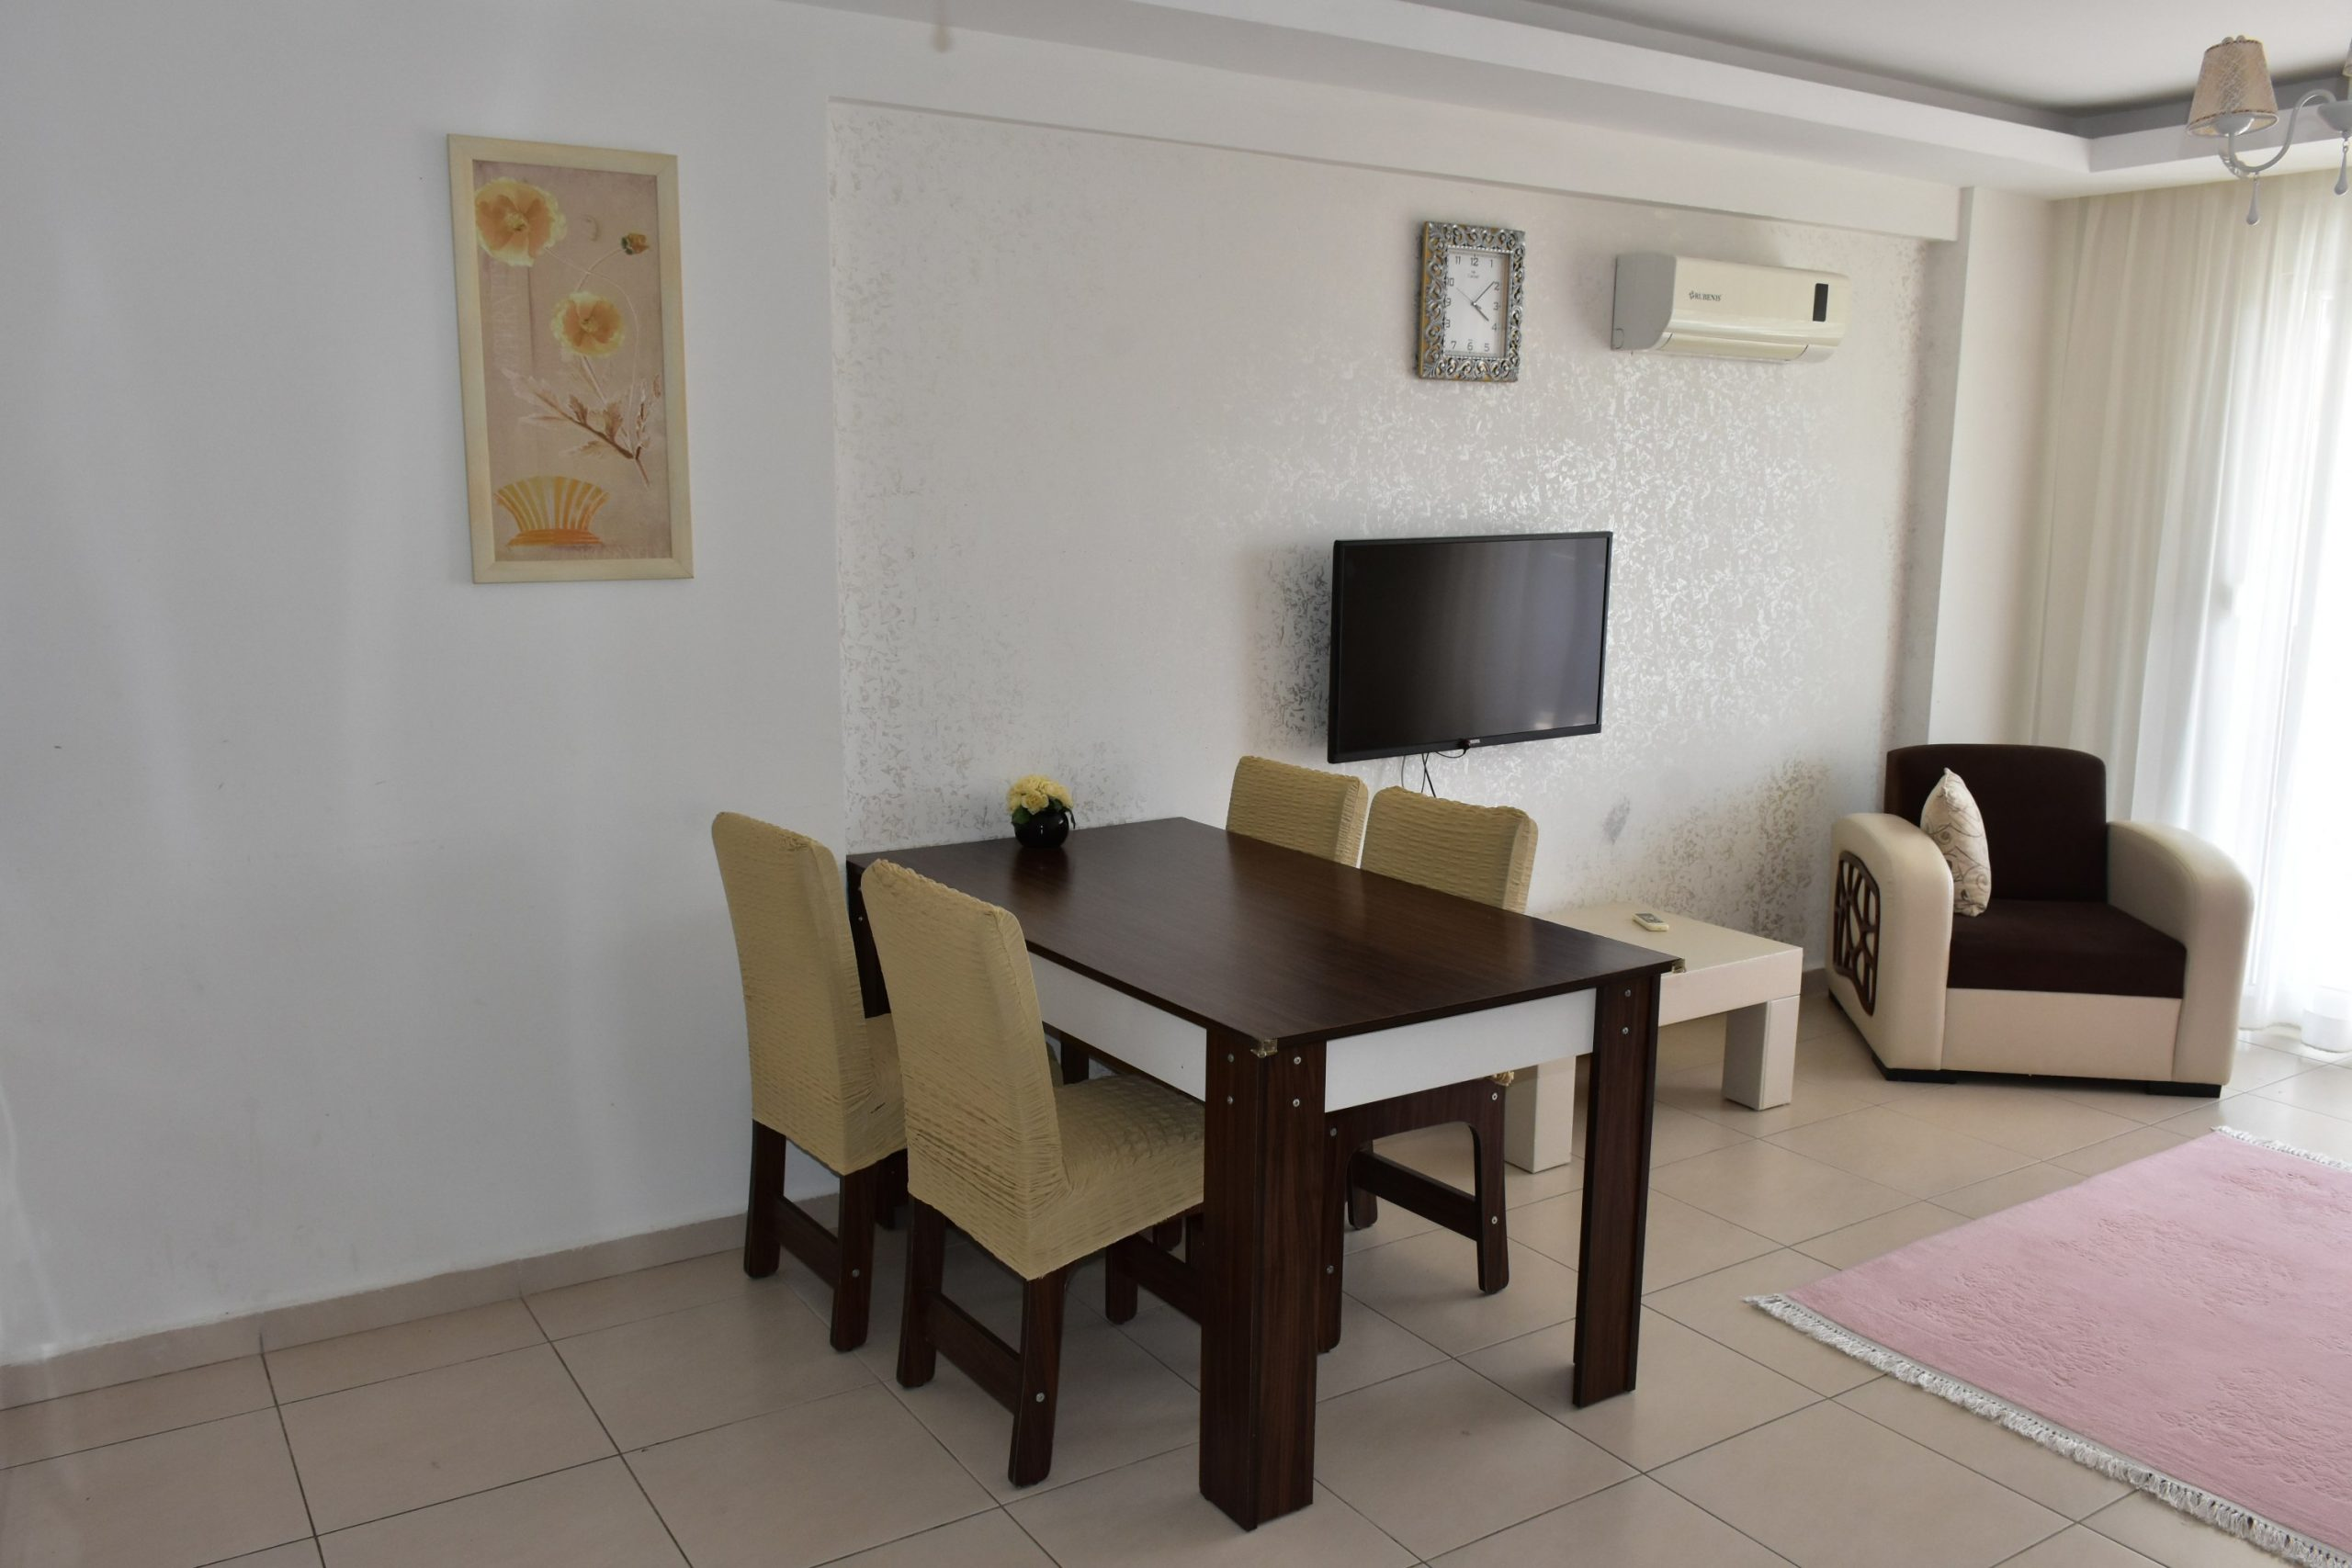 Двухкомнатная квартира с мебелью в посёлке Авсаллар - Фото 11